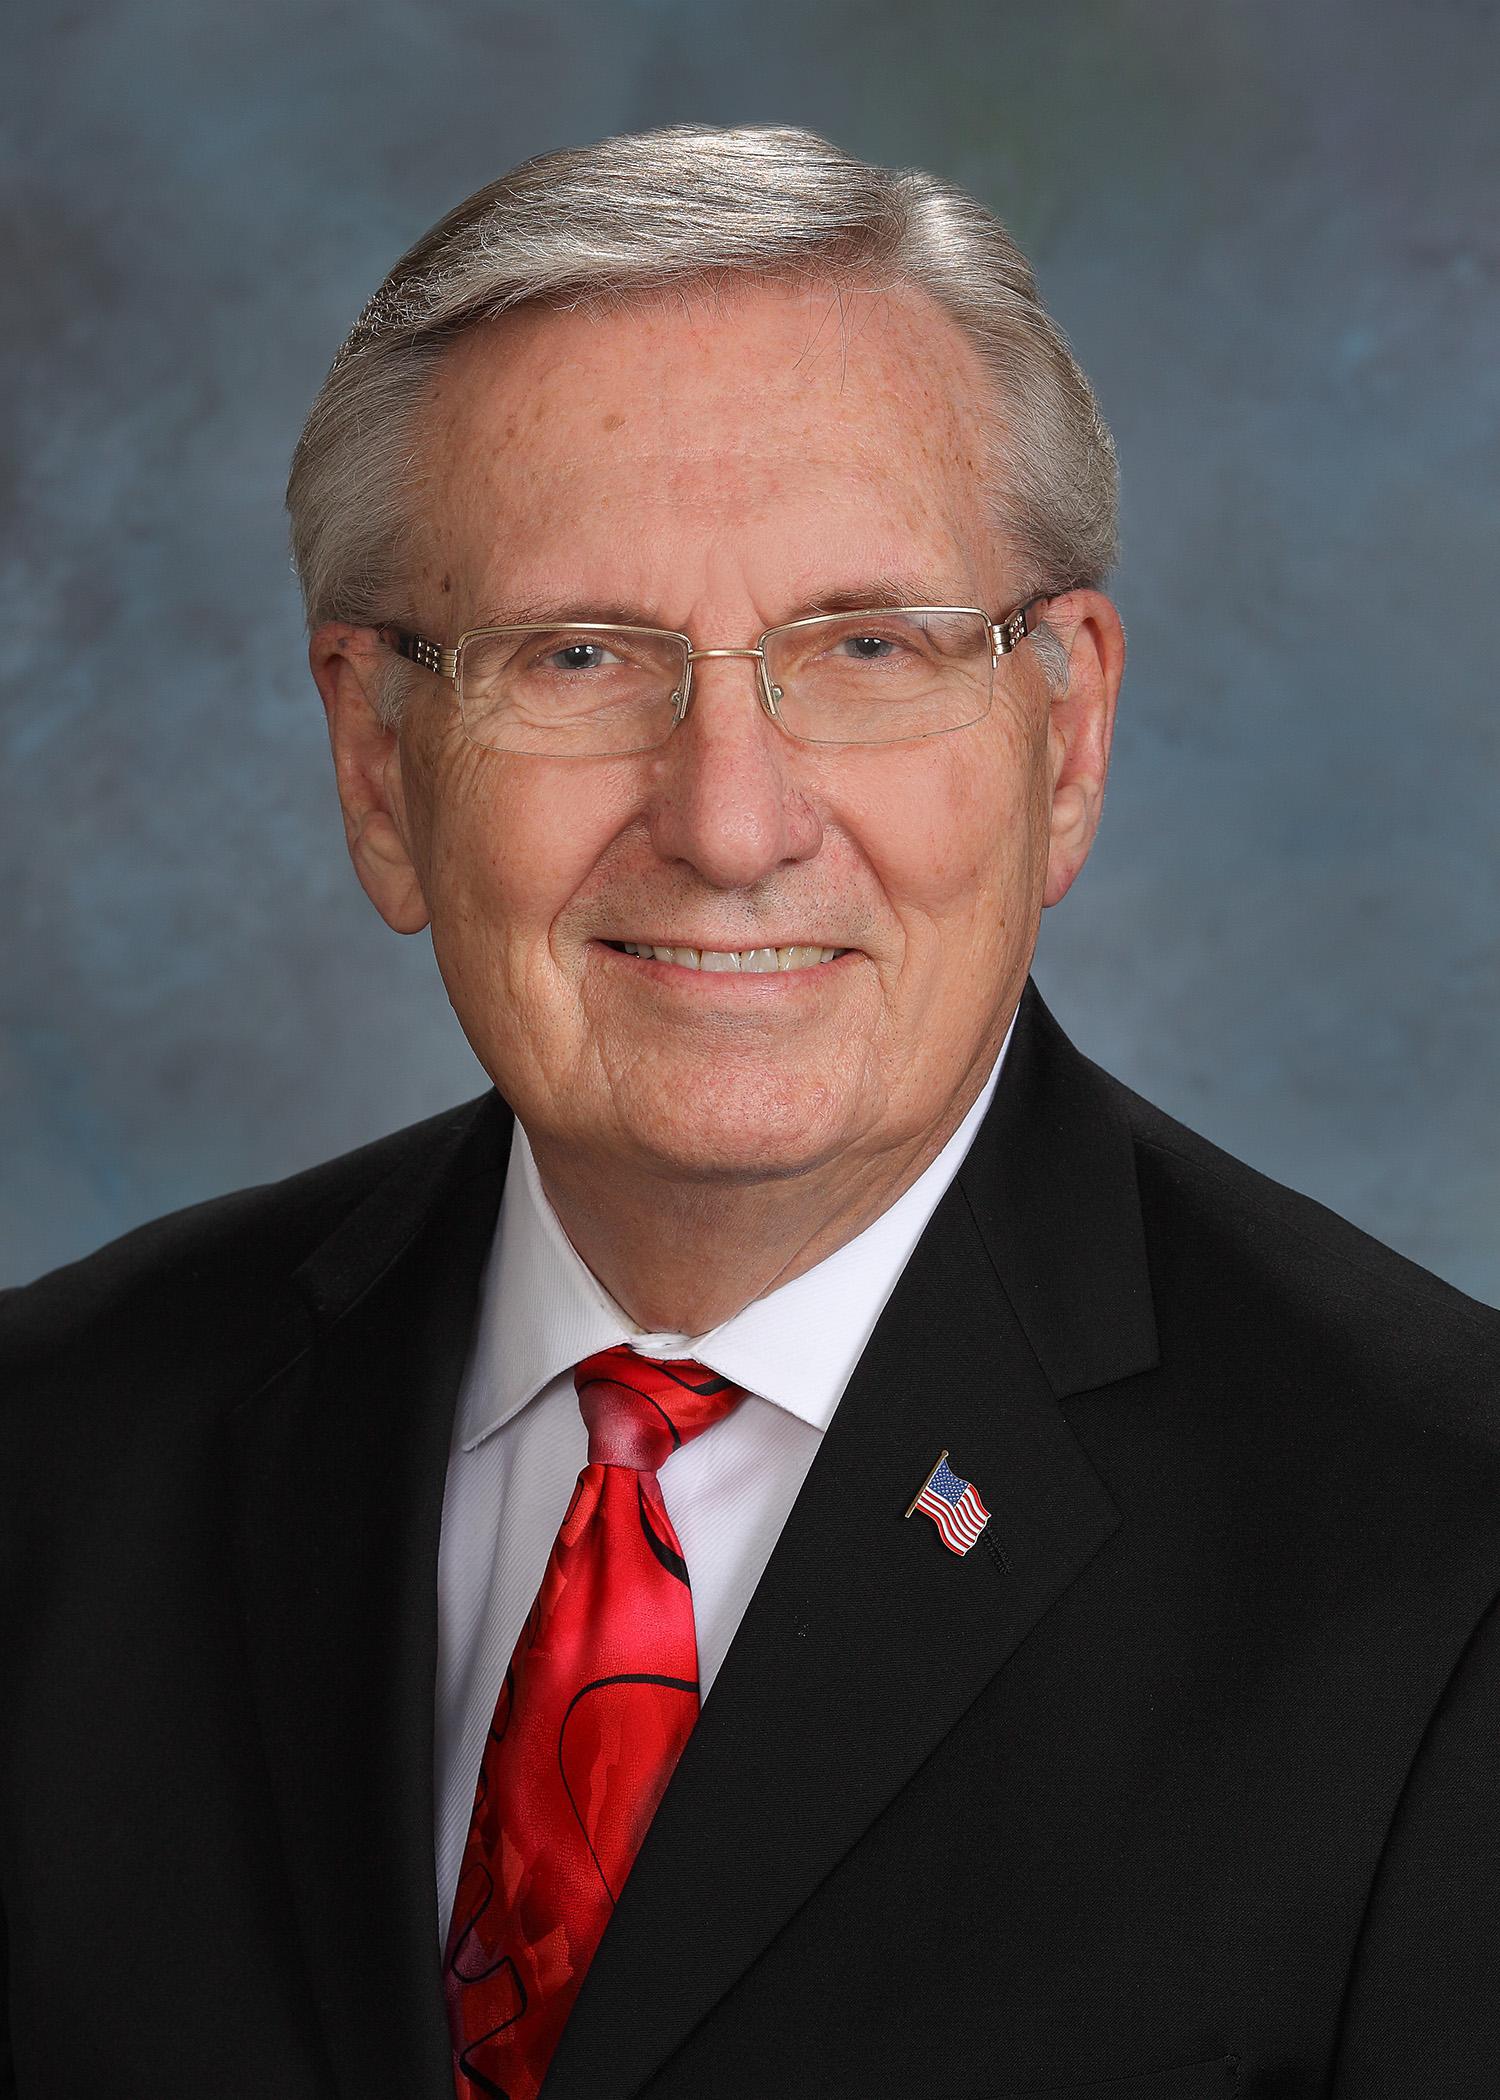 Charles Emery